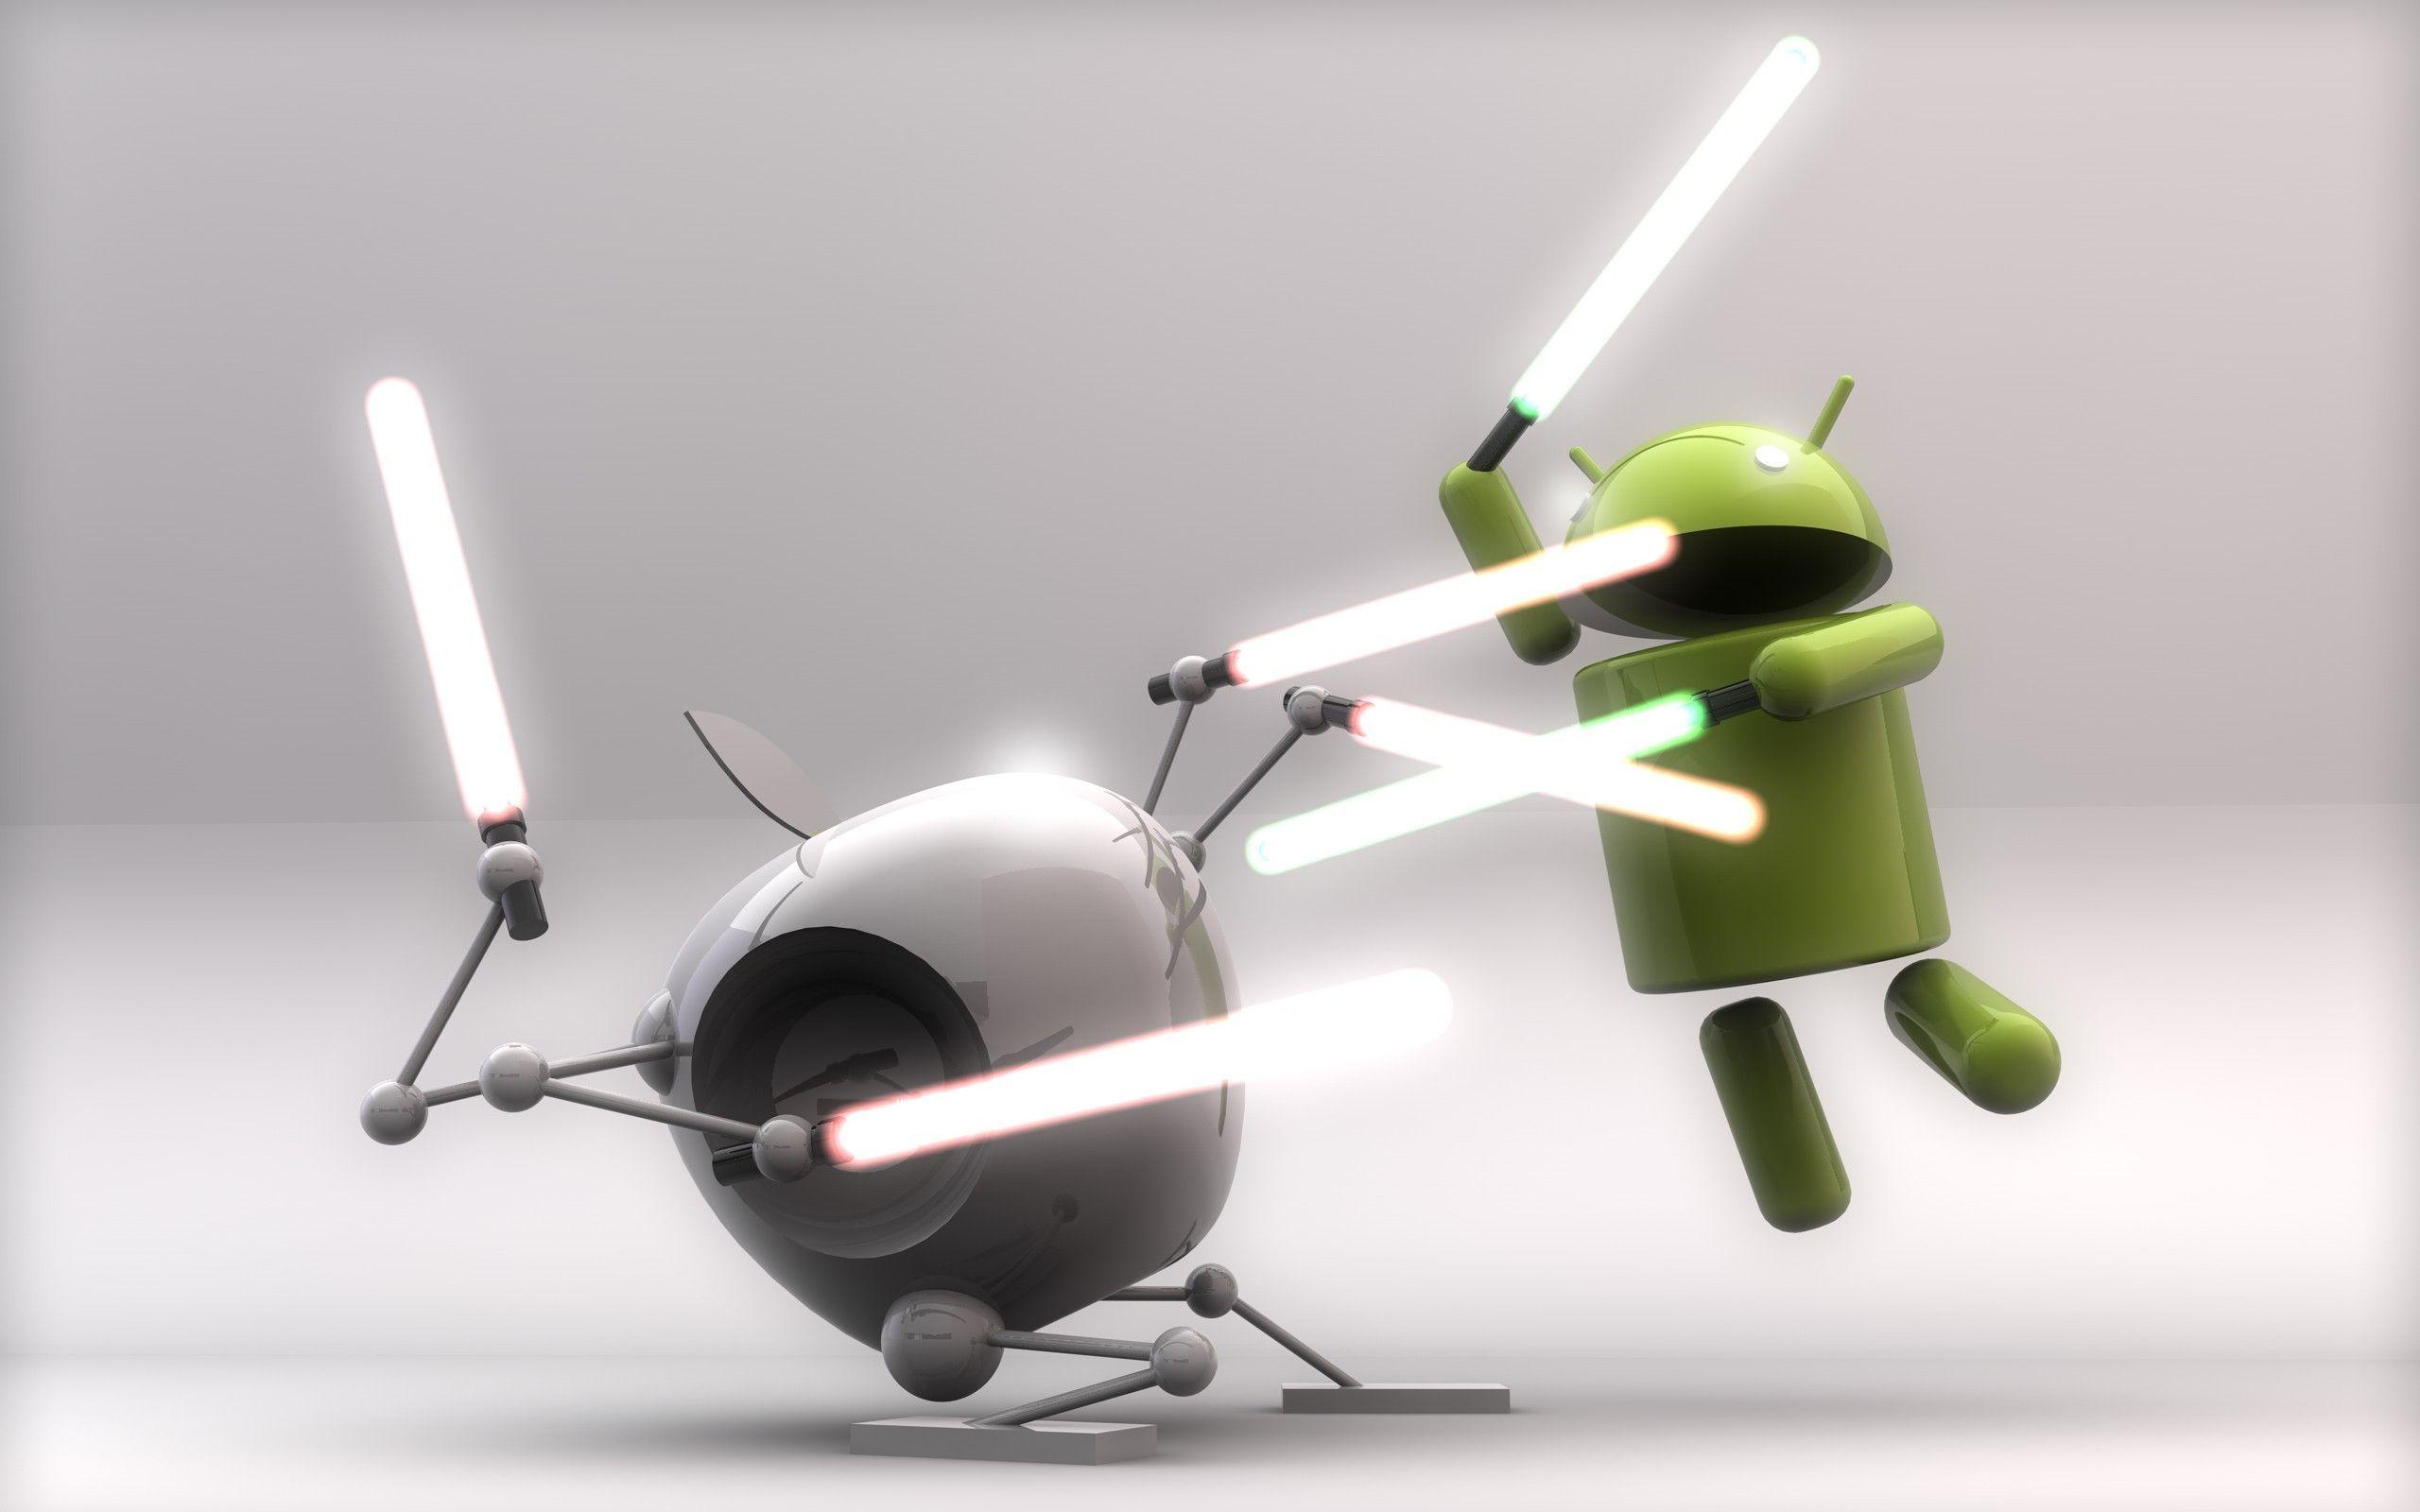 ¿Cuál es el Sistema Operativo más usado por los smartphones?